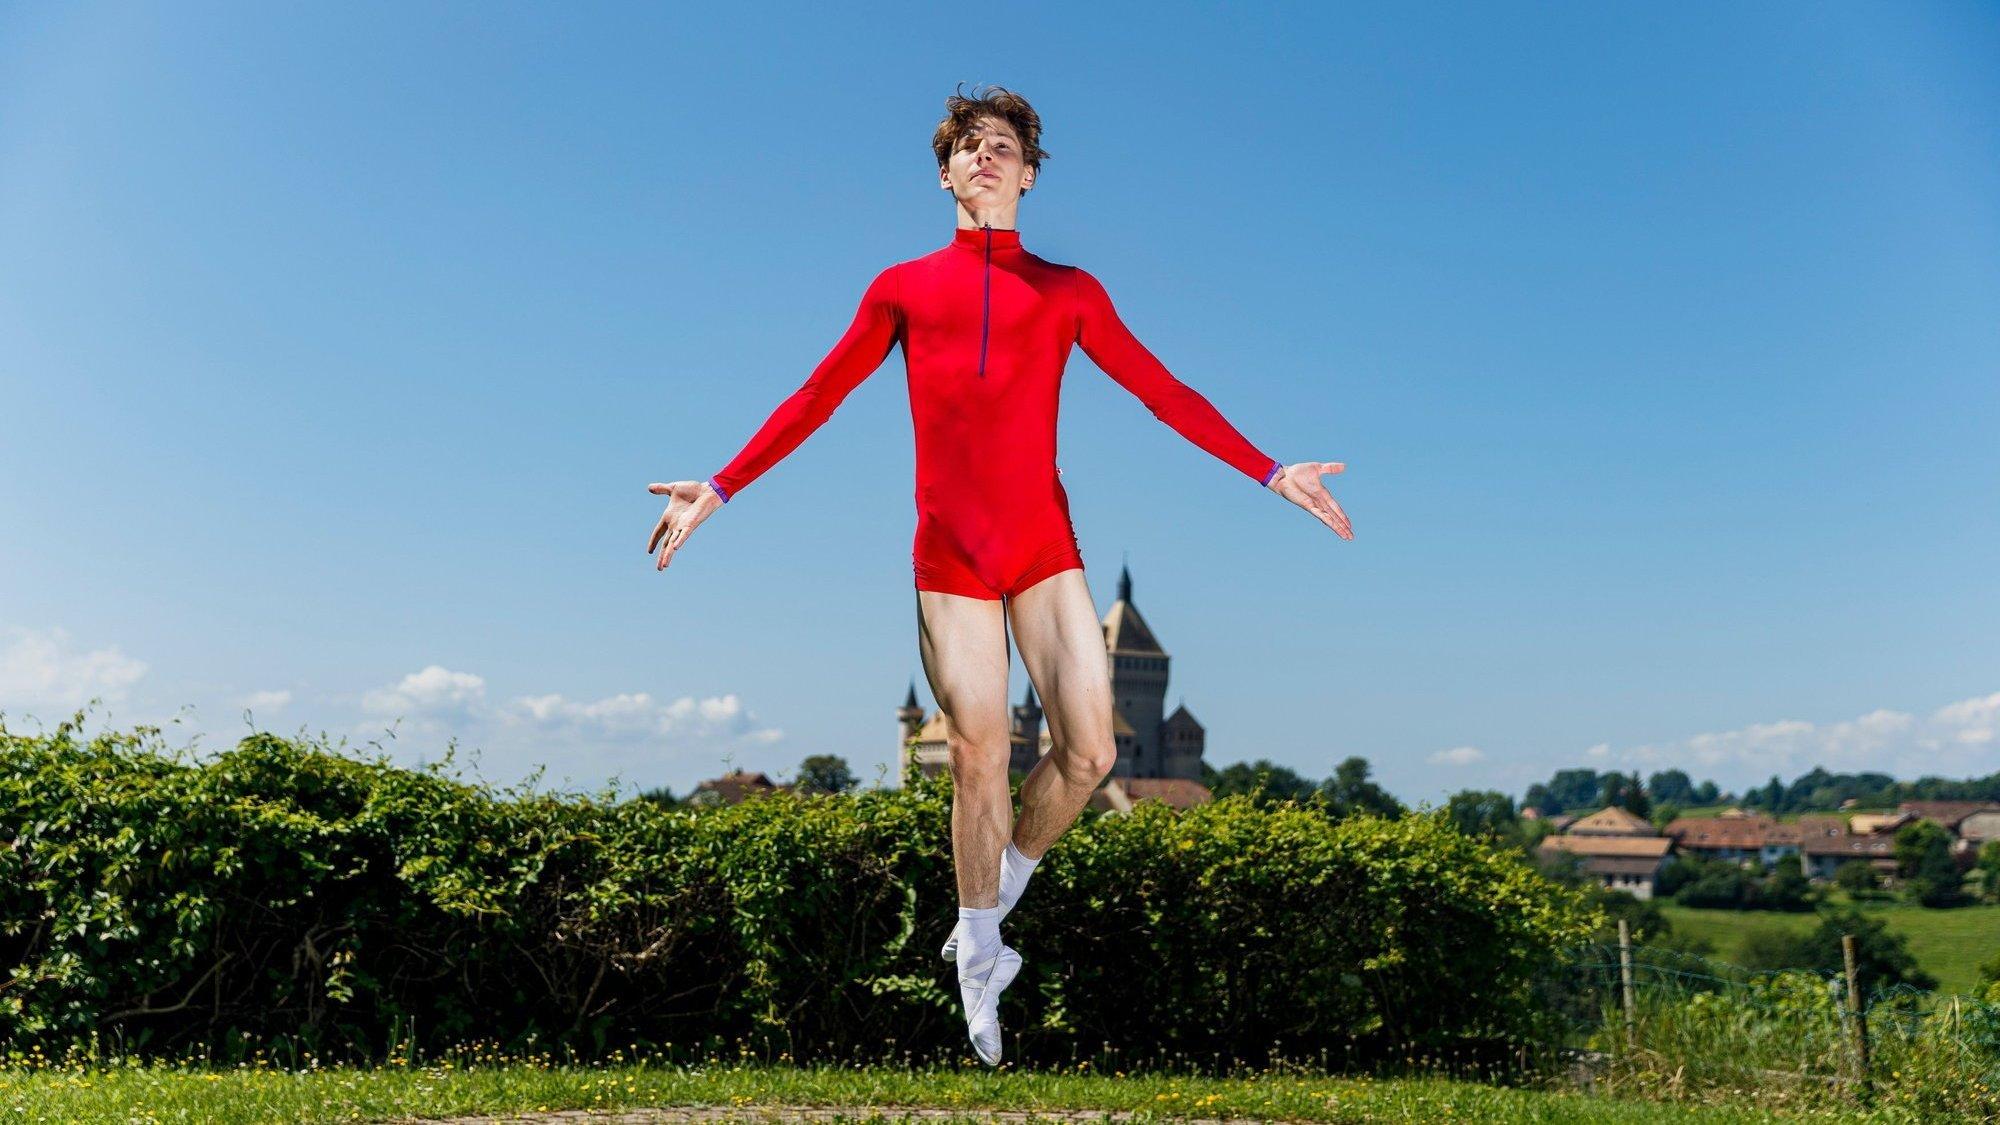 Lukas Simonetto est un danseur classique professionnel qui vit à Zurich. Lorsqu'il rentre dans la région, il partage son temps entre Monnaz et Pampigny.